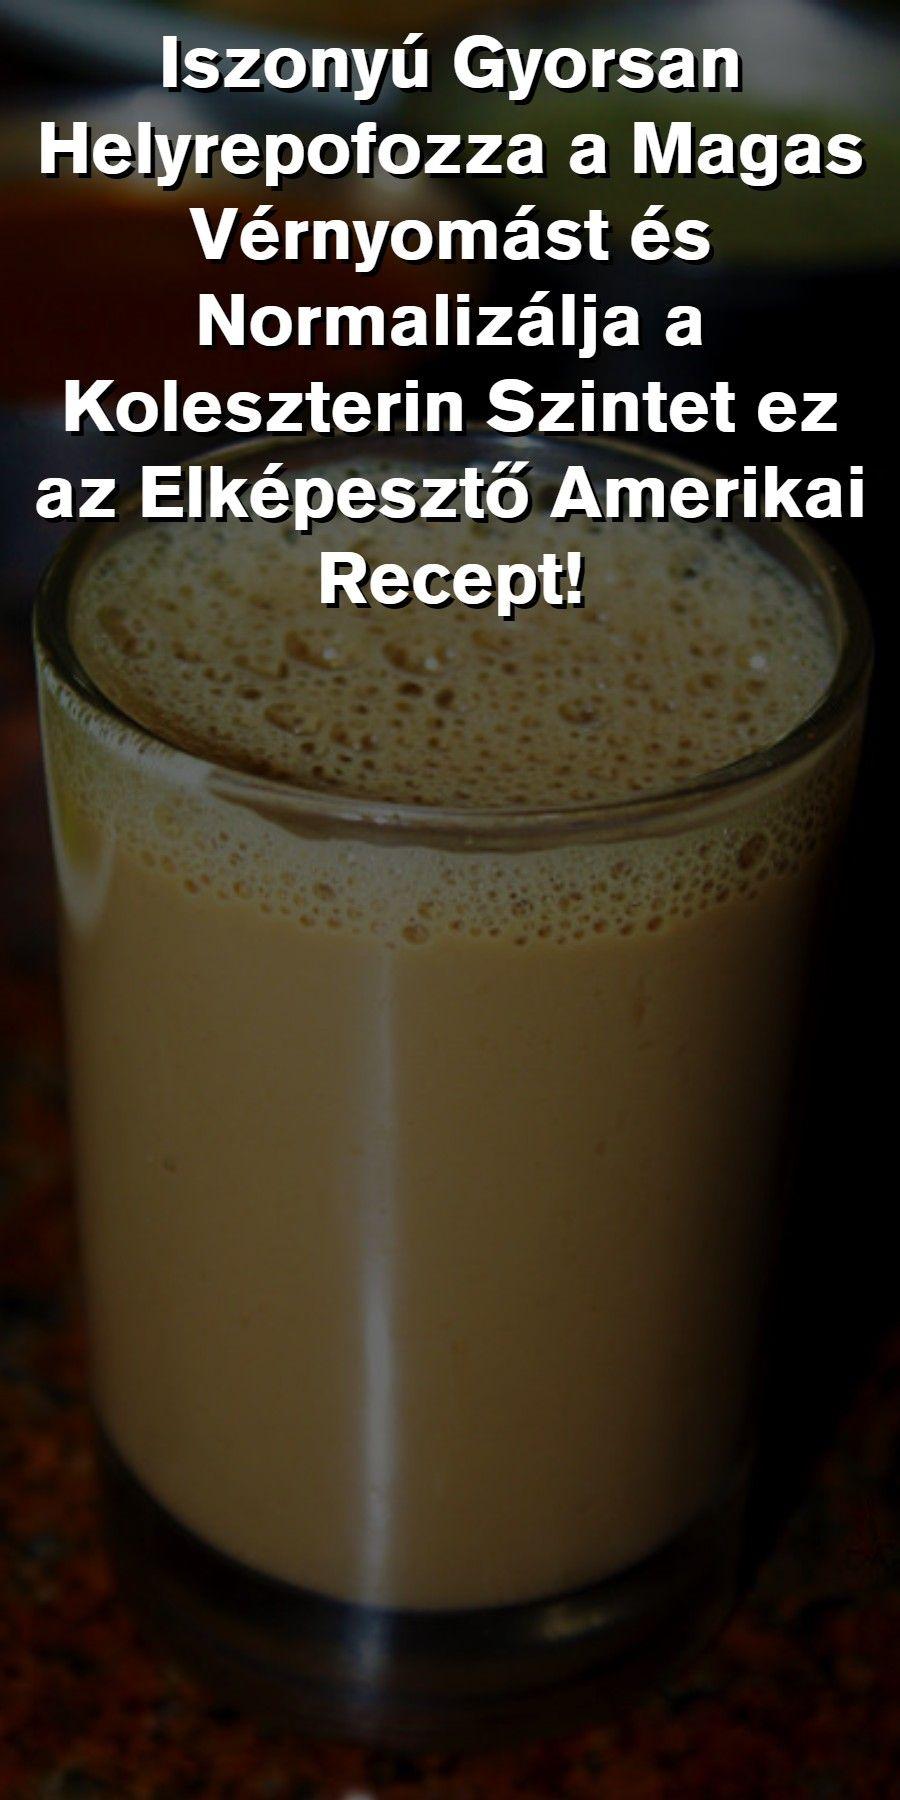 hatékony népi receptek a magas vérnyomás ellen)